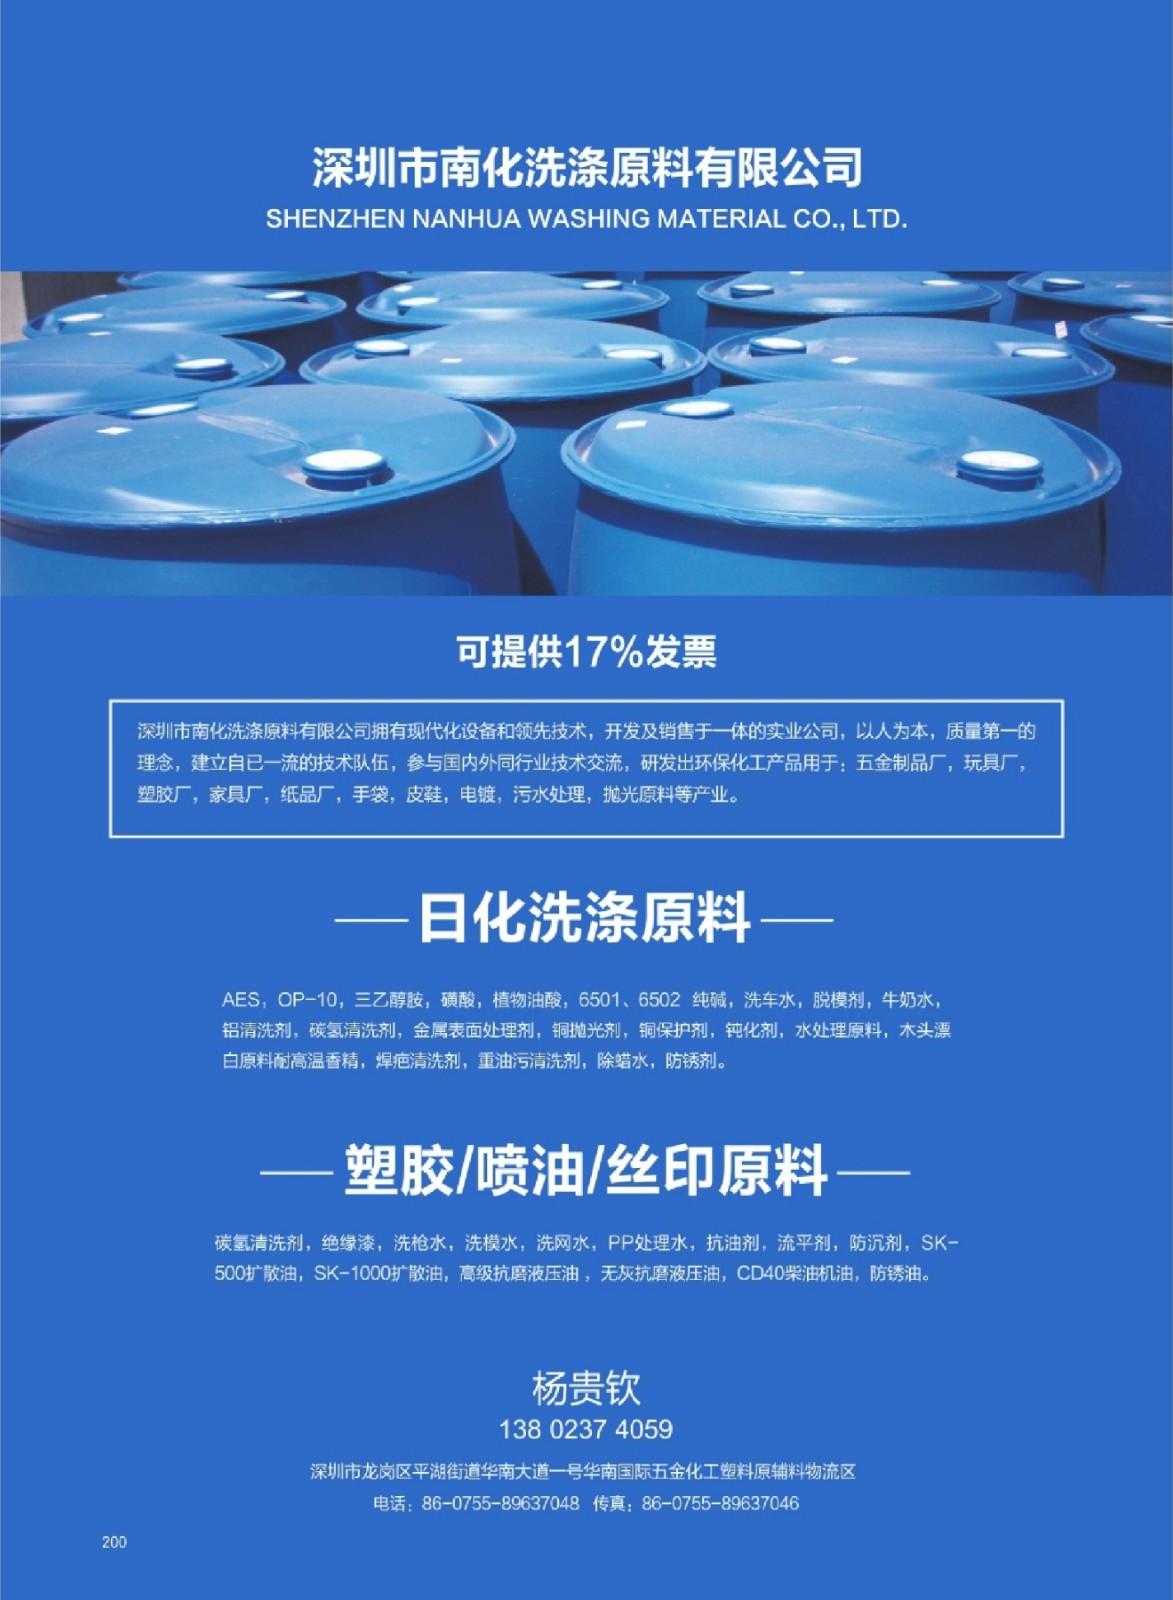 深圳市南化洗涤原料有限公司